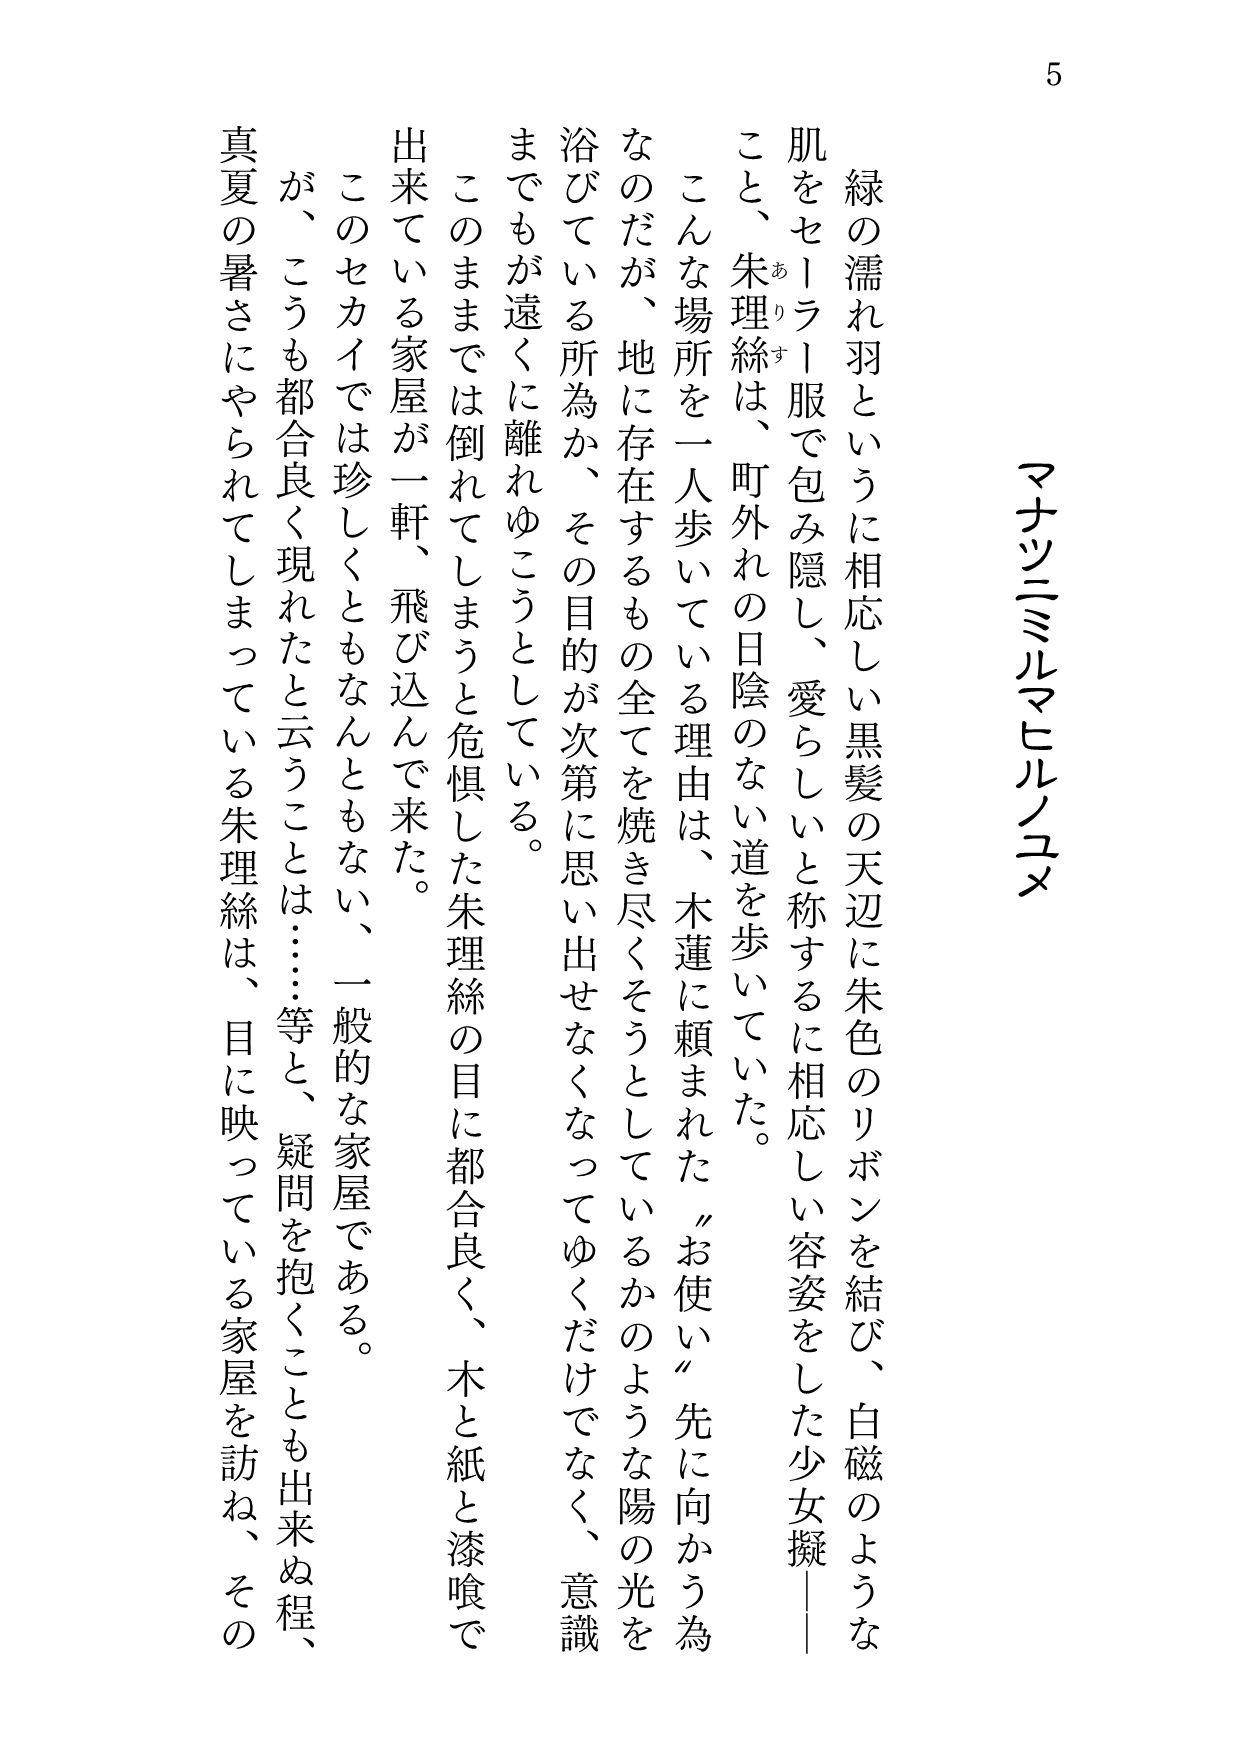 マナツニミルマヒルノユメのサンプル画像3